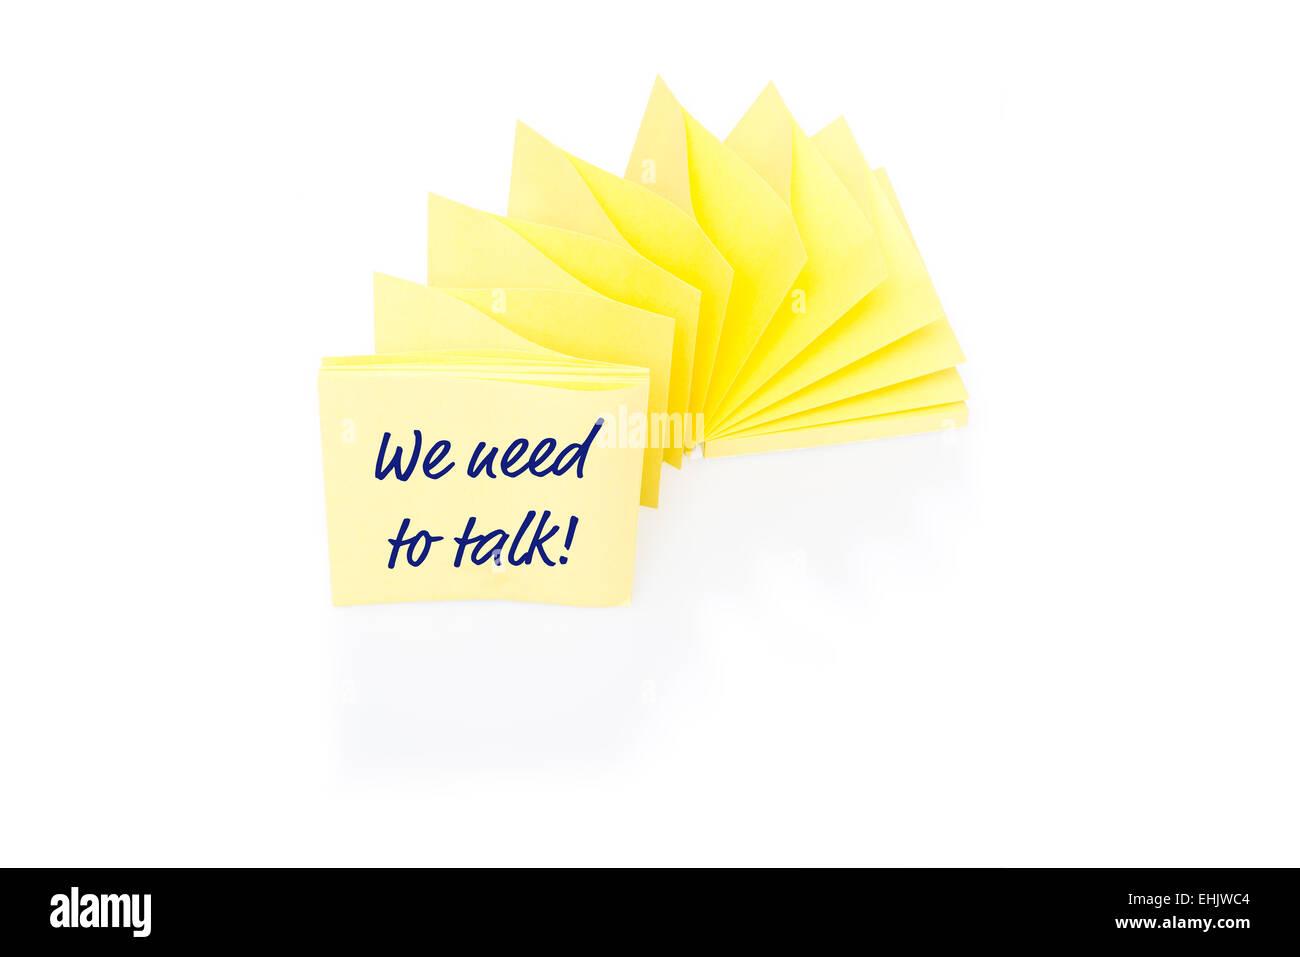 Bigliettino giallo sul blocco con il messaggio di cui abbiamo bisogno per parlare Immagini Stock